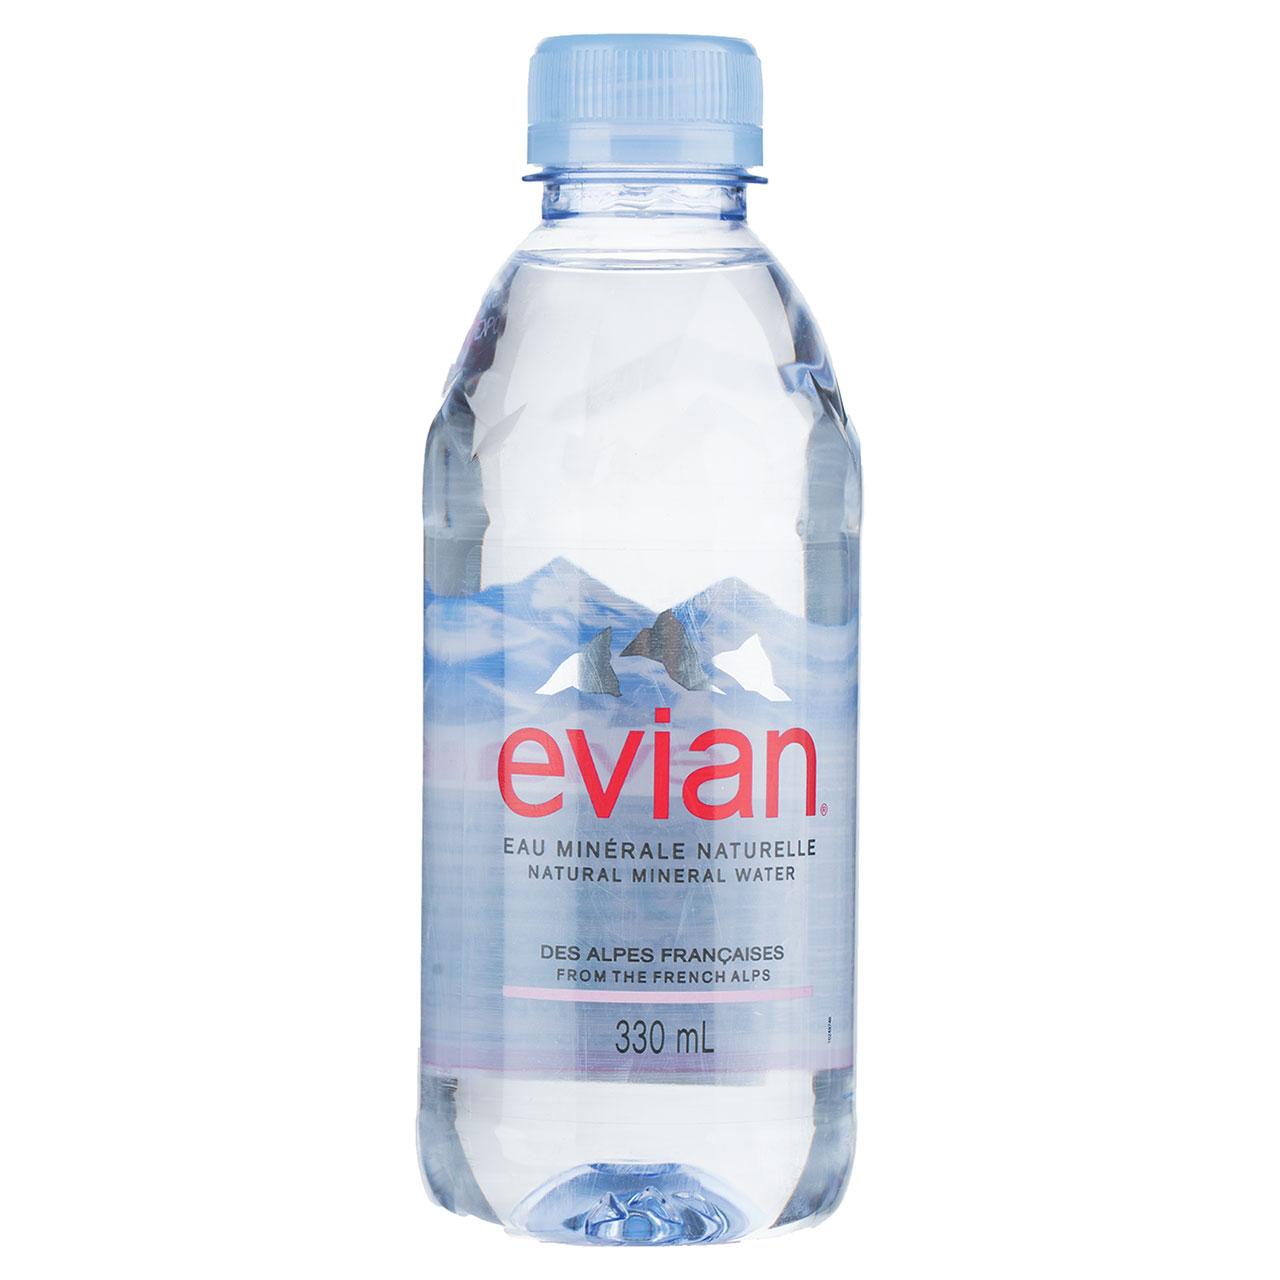 آب معدنی طبیعی اویان حجم 330 میلی لیتر